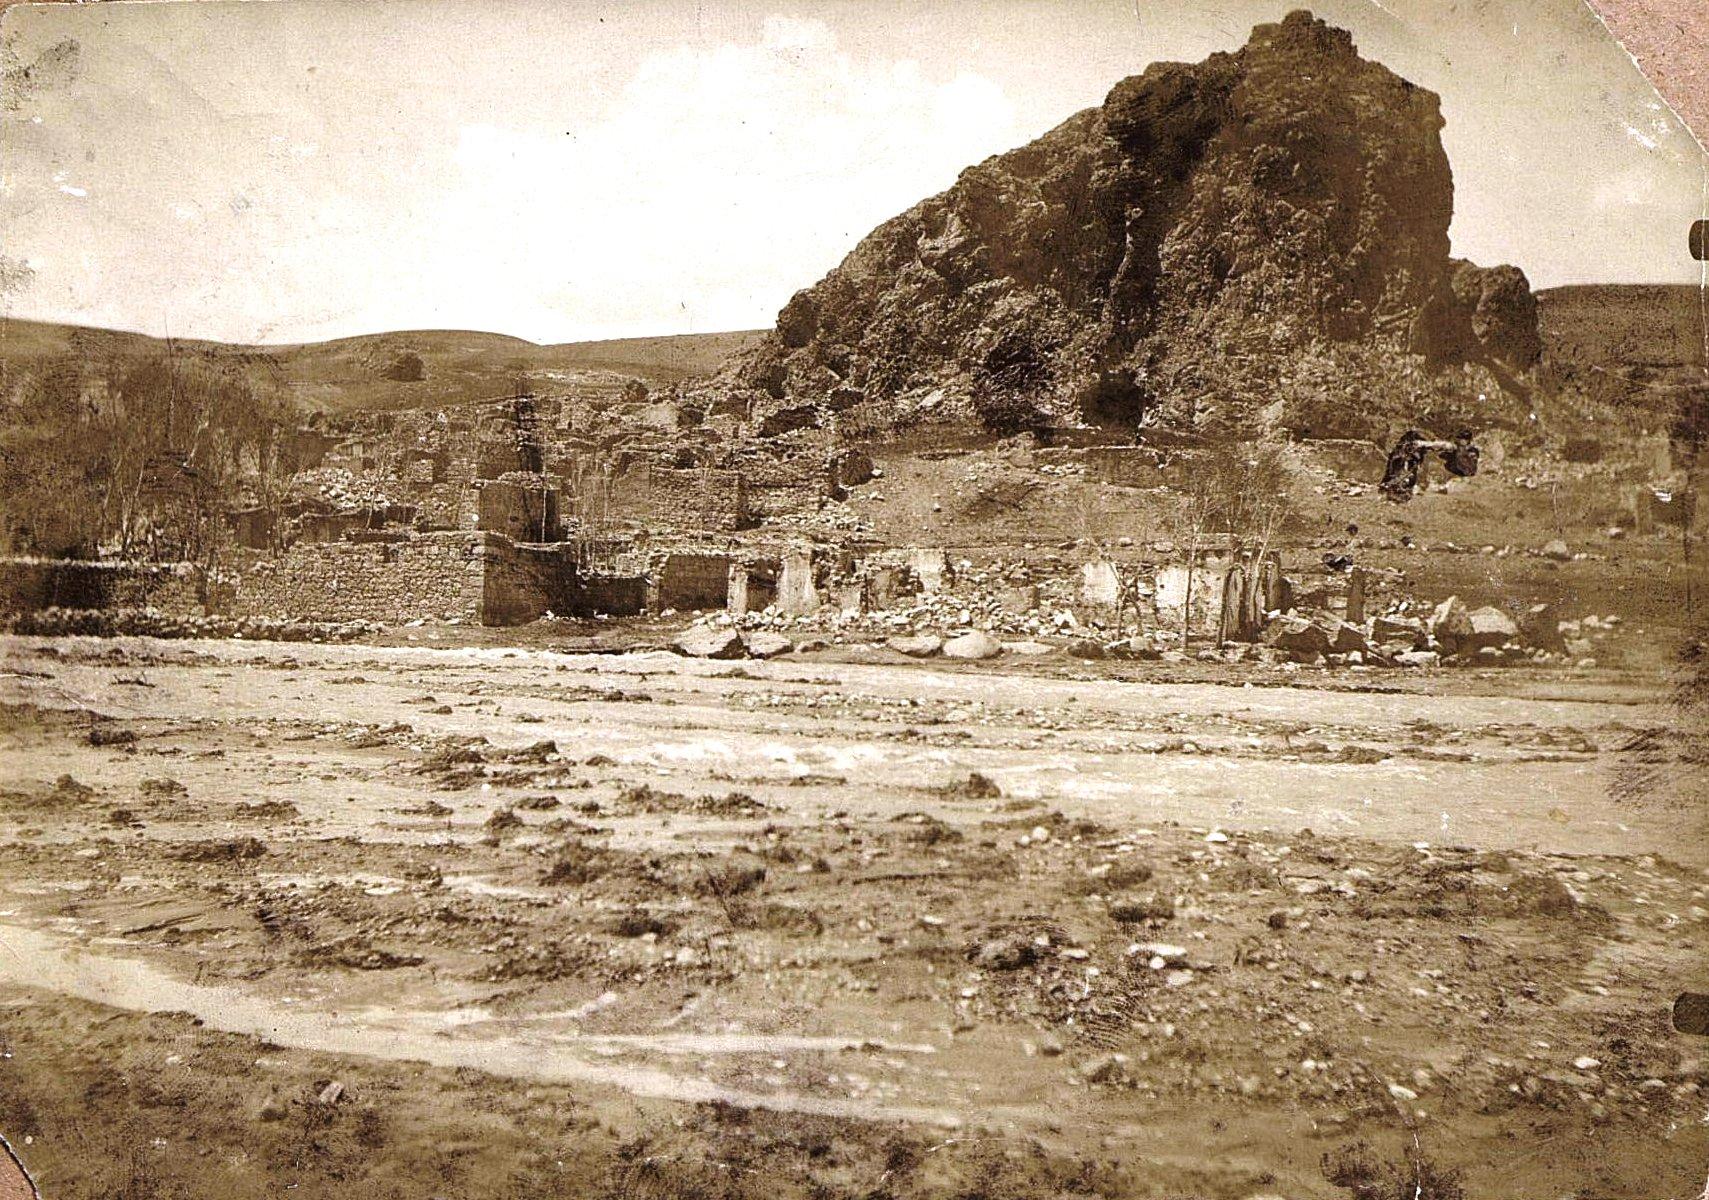 Руины Алладжерана - турецкого селения, разрушенного во время войны